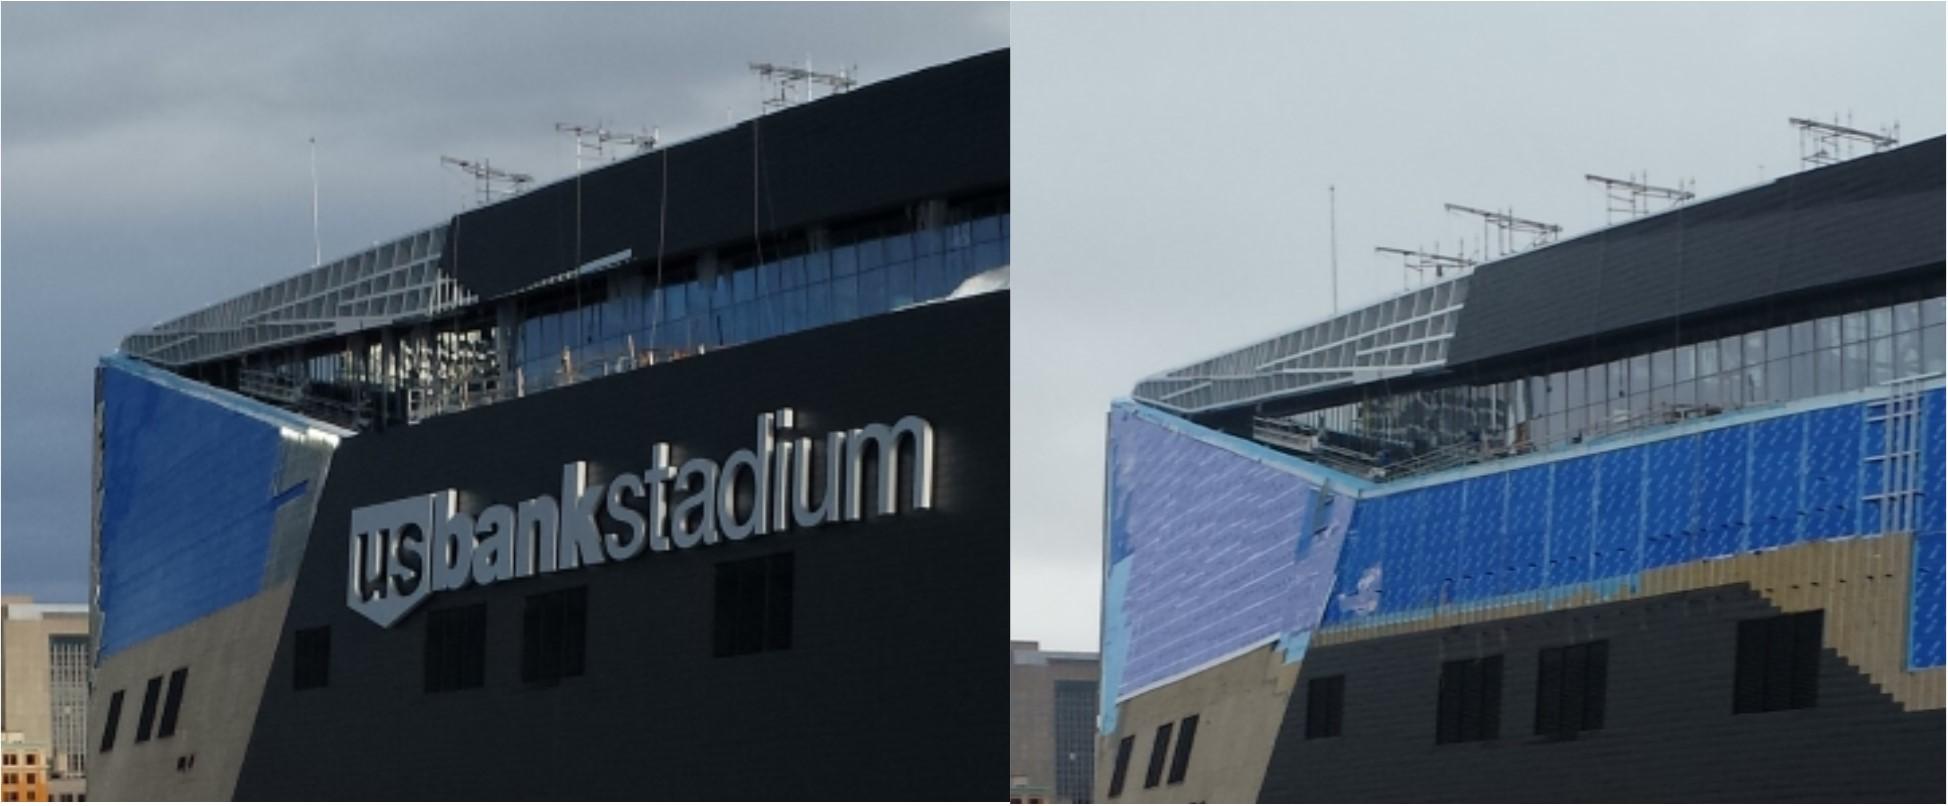 Stadium Snow Damage Comparison 2